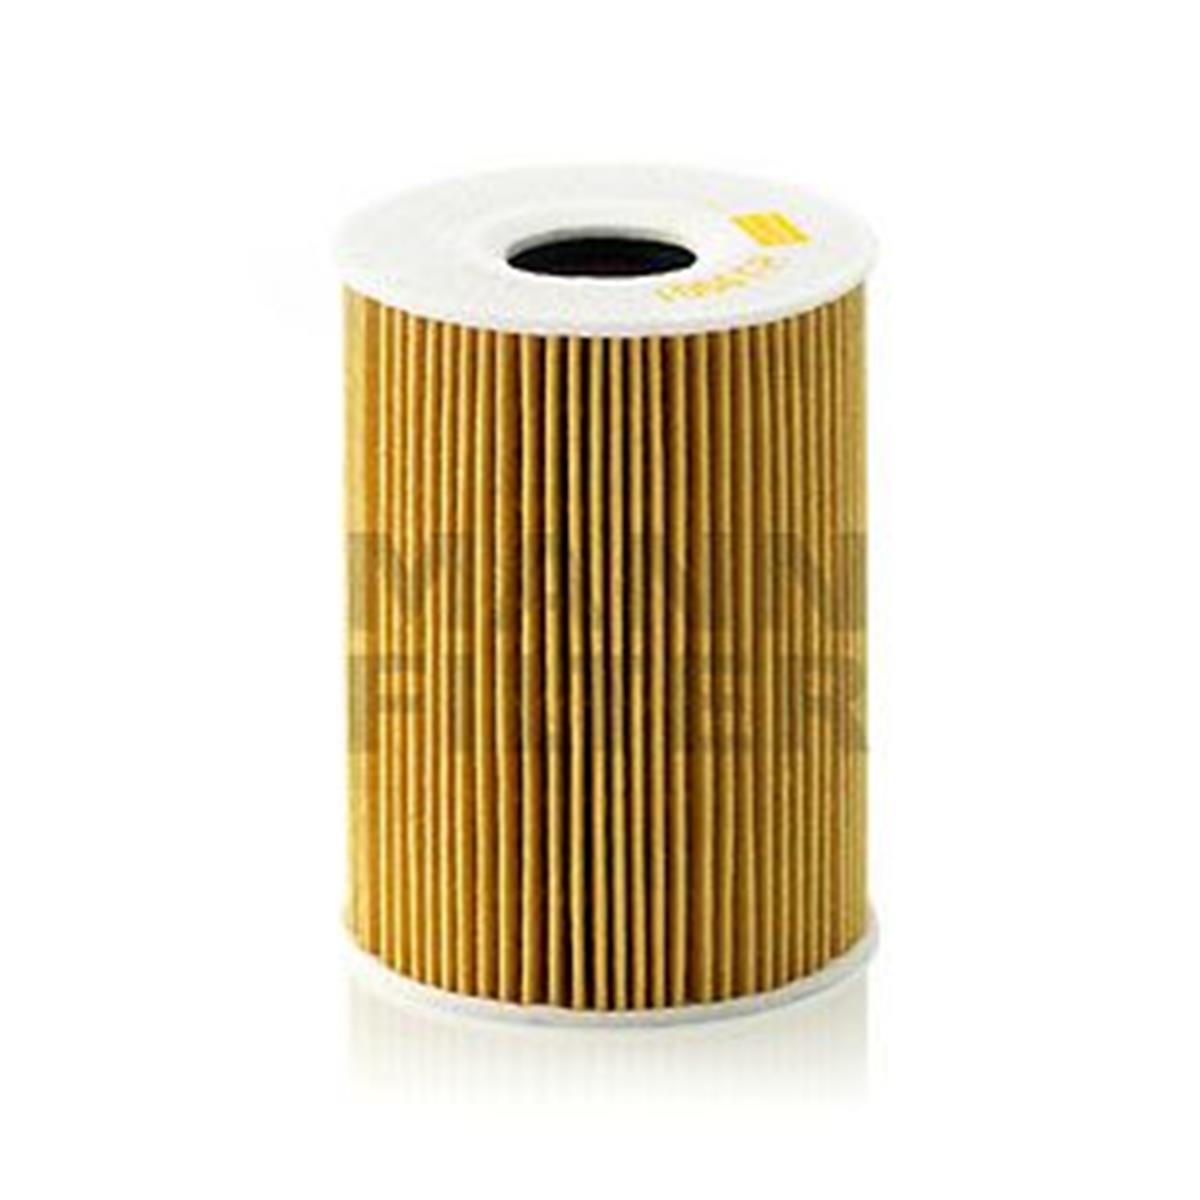 HOLZBRINK Linkes Endst/ück passend zum Dekor Ihrer Sockelleiste Fussleiste VEO 002 ALUMINIUM